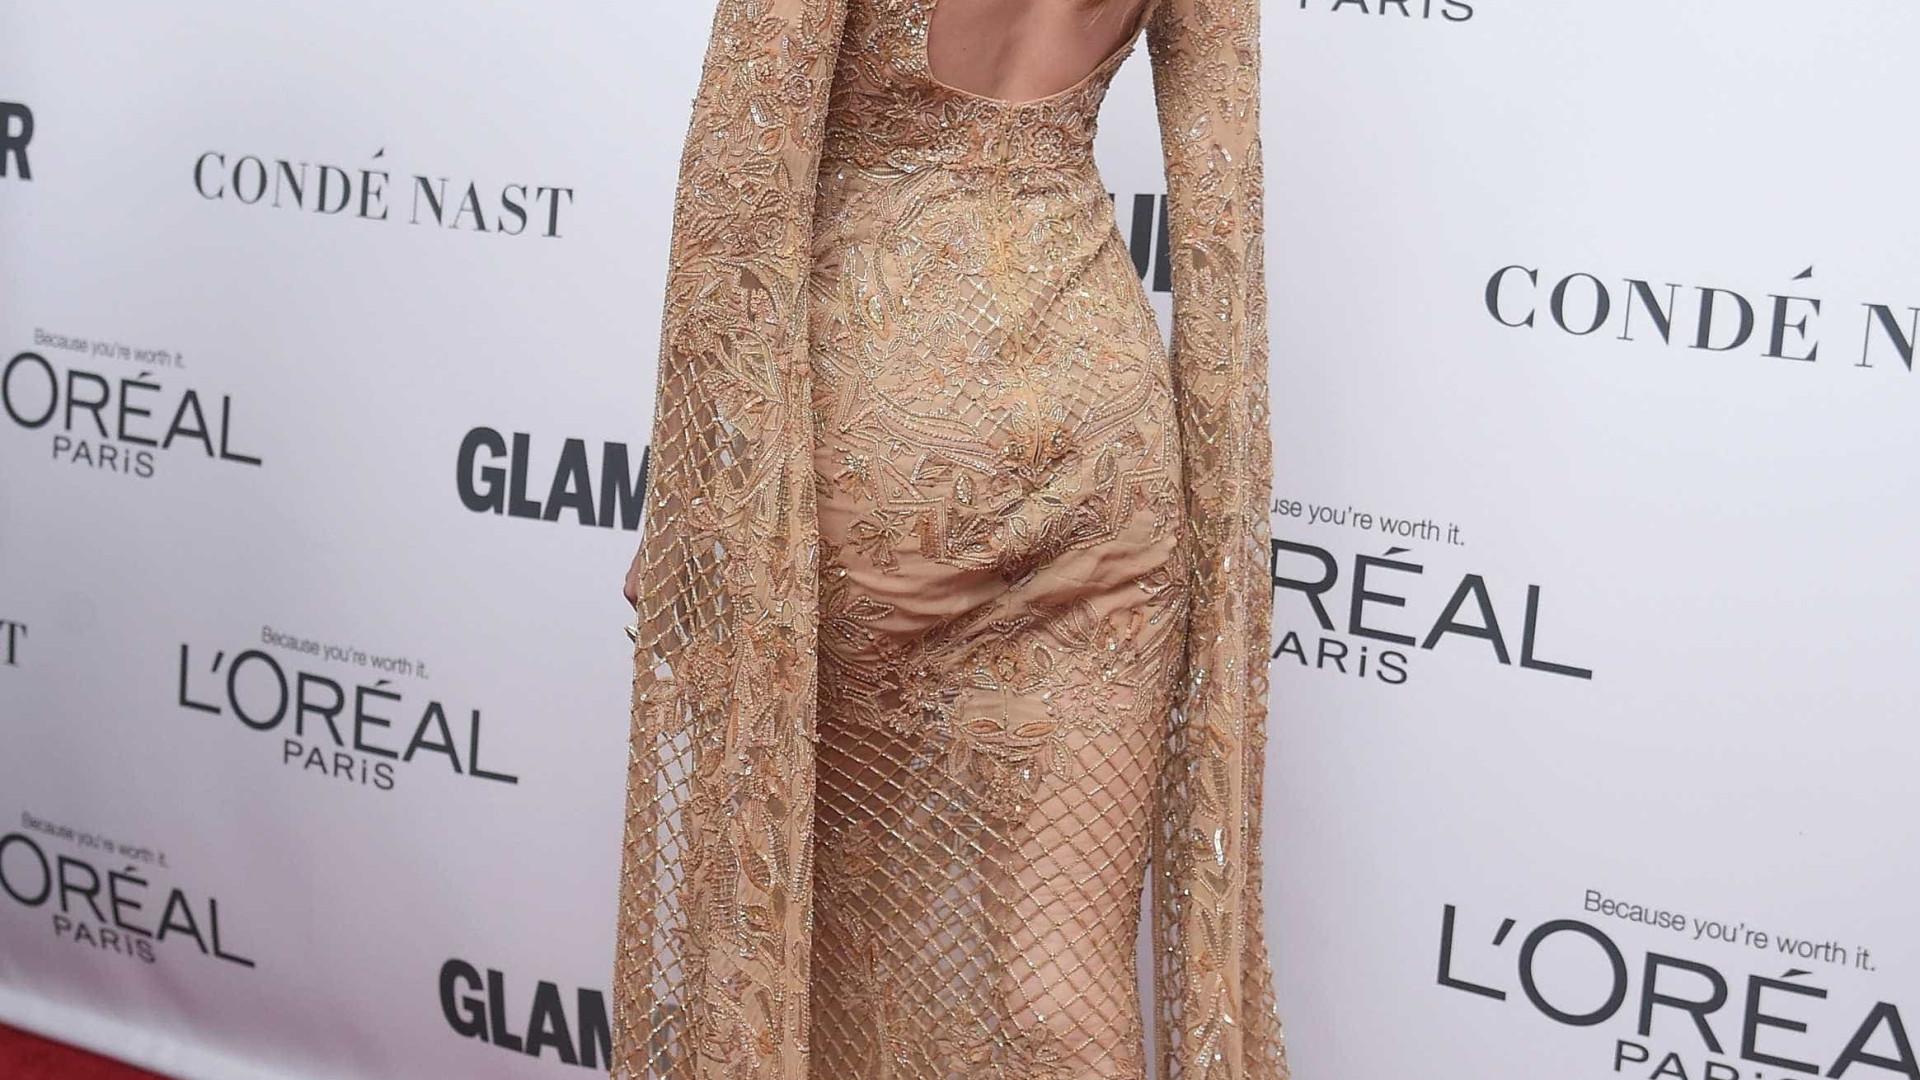 Traída pelo vestido, Gigi Hadid quase que cai